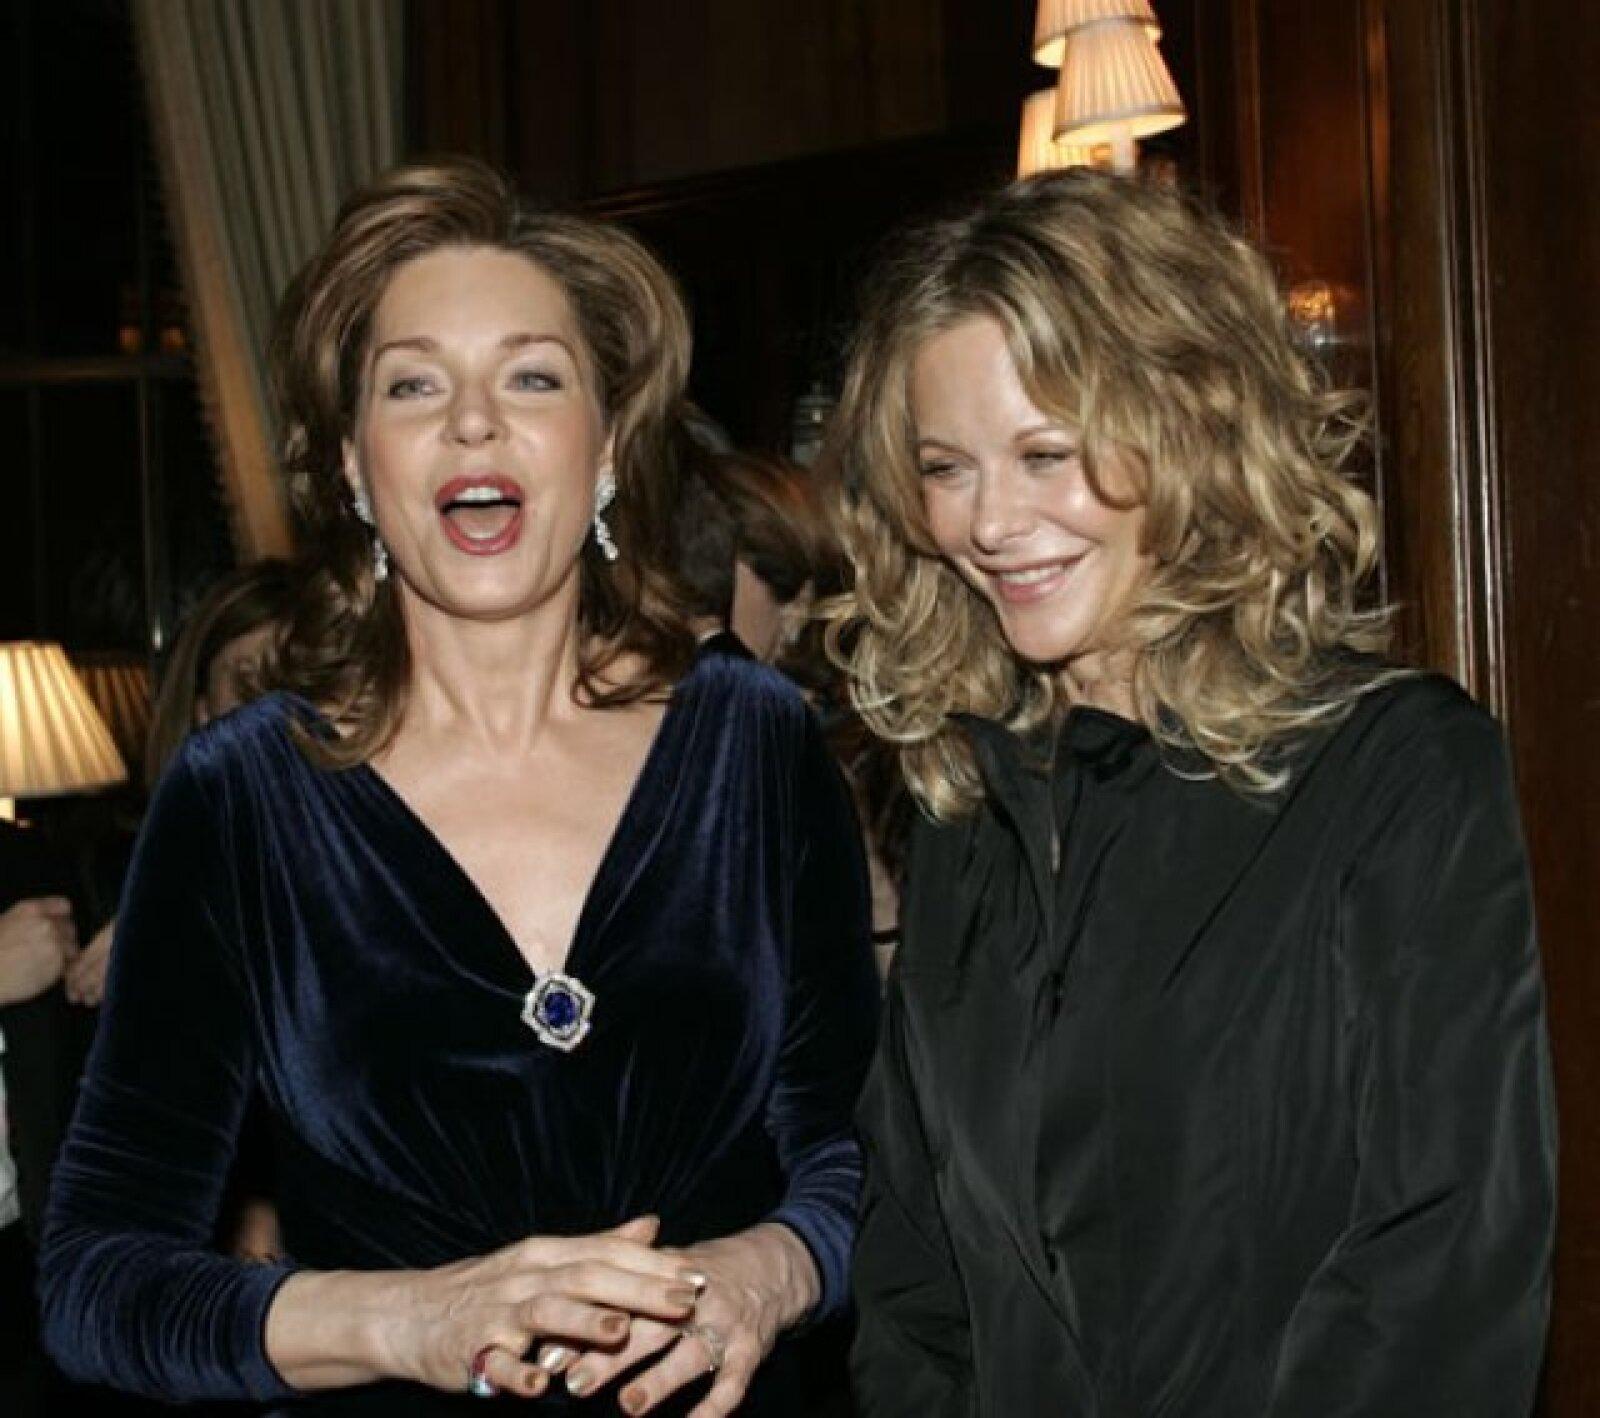 La reina Noor de Jordania con la actriz Meg Ryan en el 2005 durante una cena organizada por la fundación Rey Hussein en Nueva York.